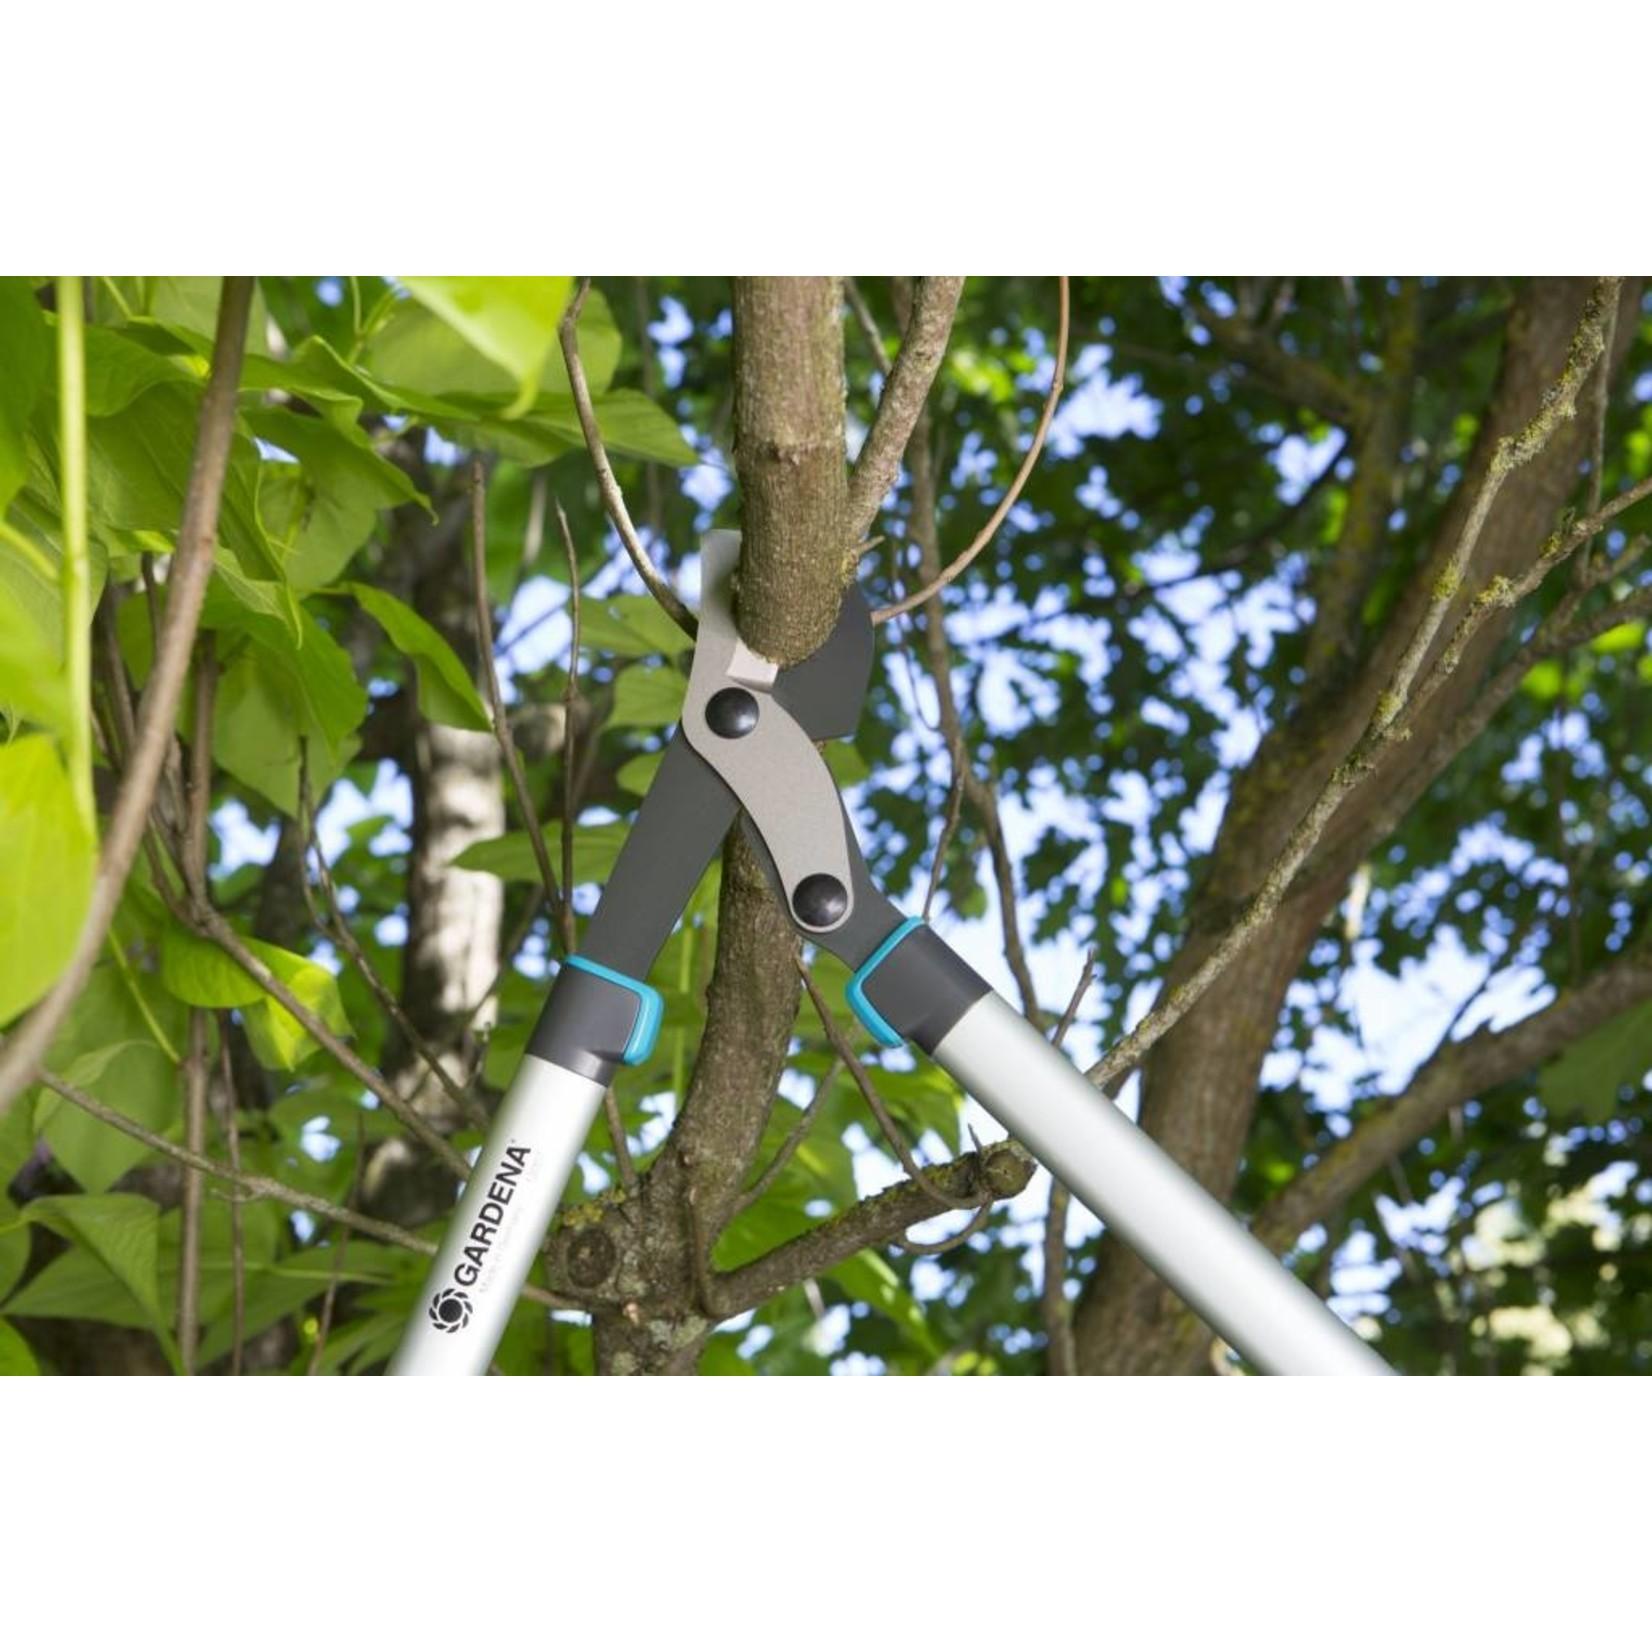 Gardena Gardena Takkenschaar EnergyCut 600B